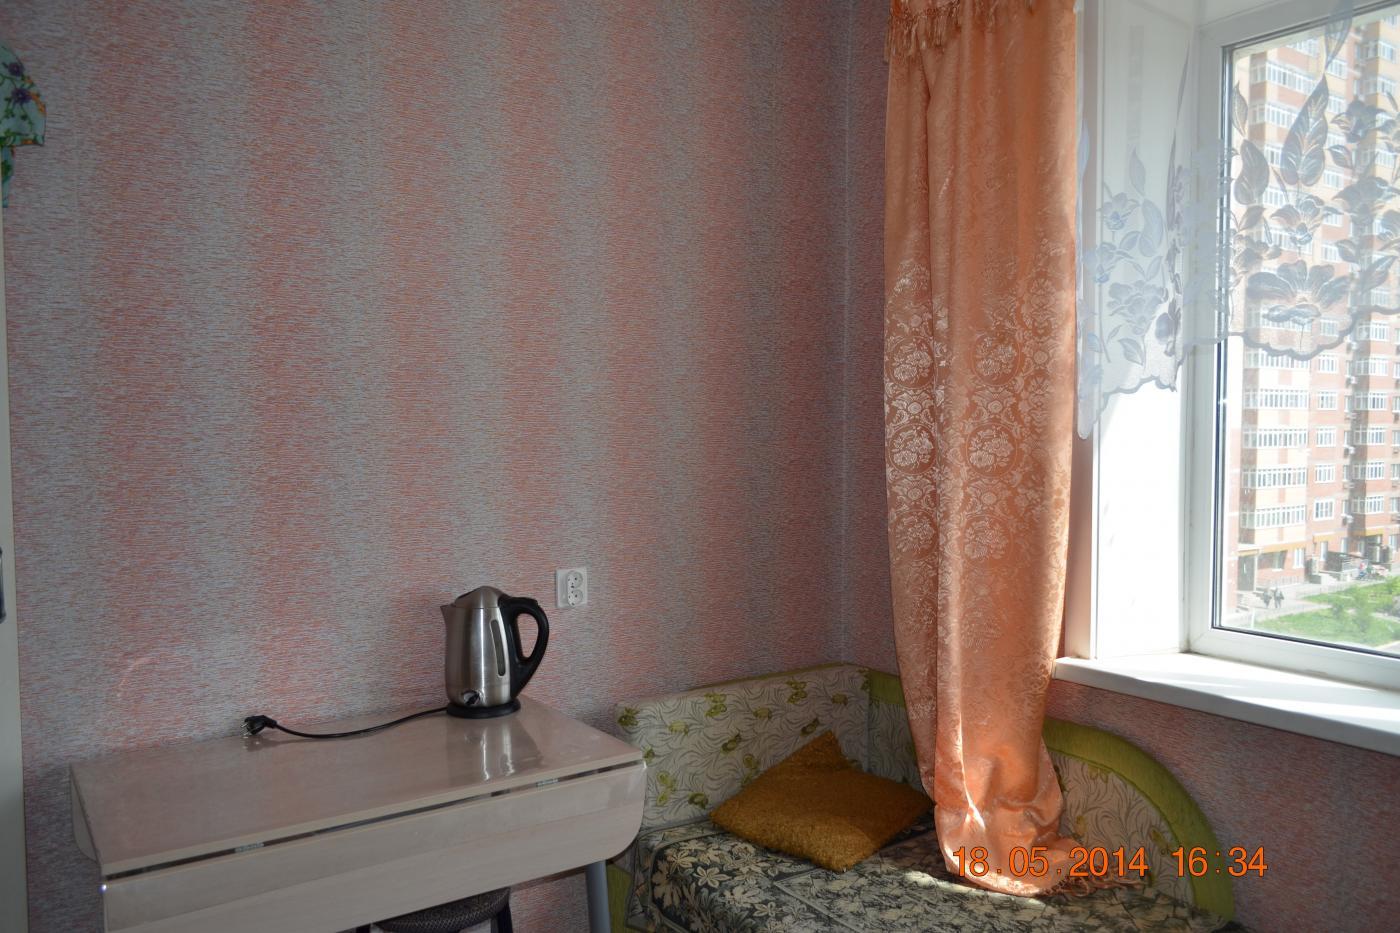 1-комнатная квартира посуточно (вариант № 1498), ул. Краснореченская улица, фото № 4